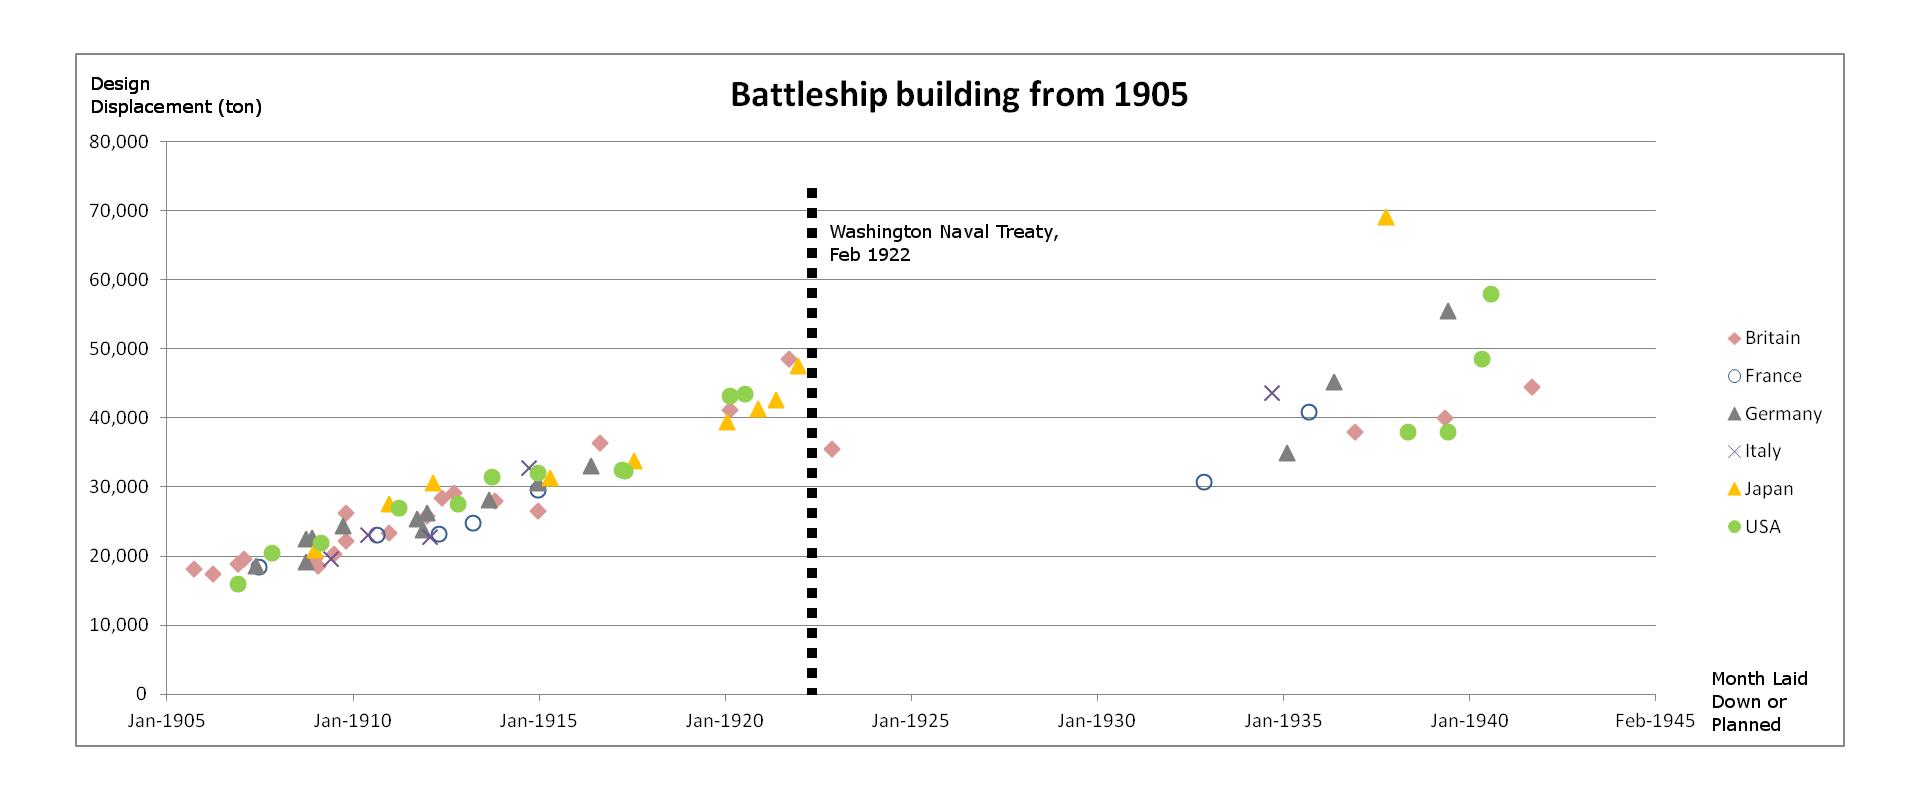 Graphique des constructions navales de combat sur la période 1905-1945